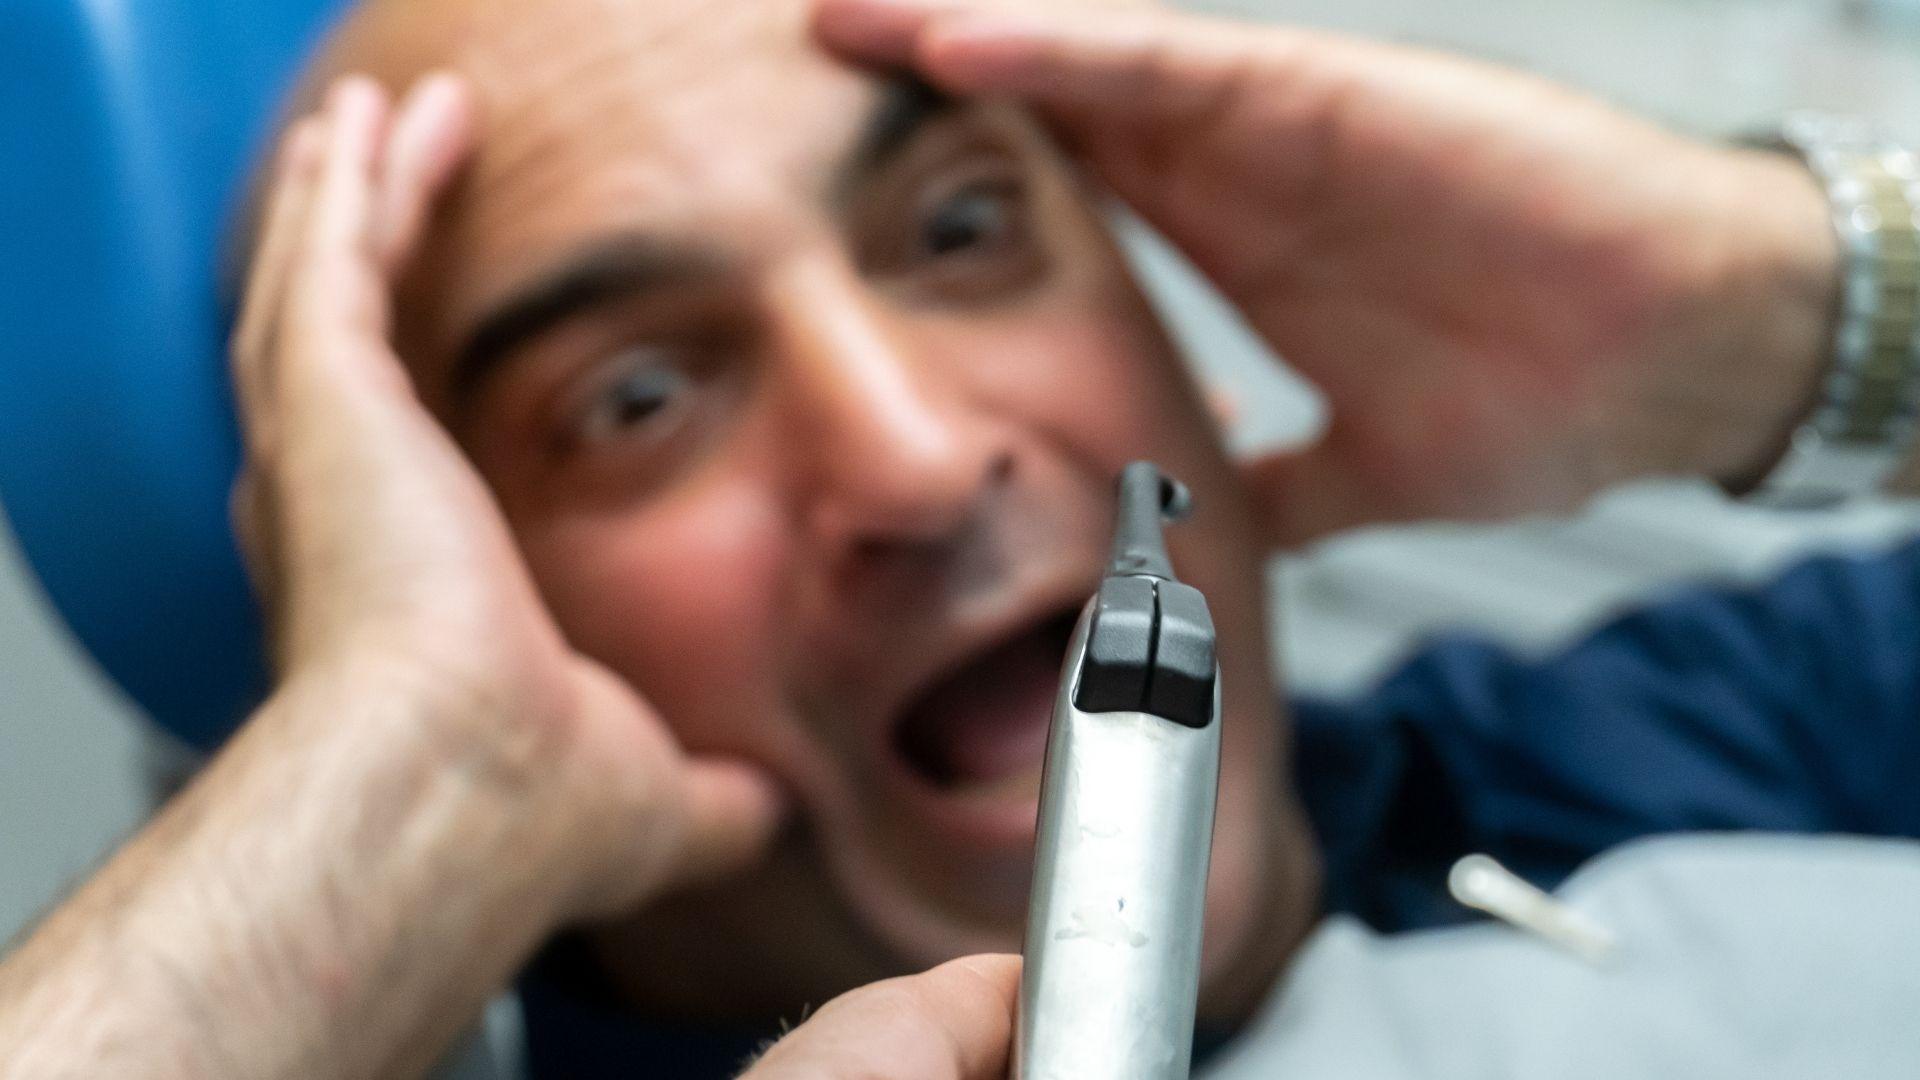 Hoe angst bij patiënten verminderen?